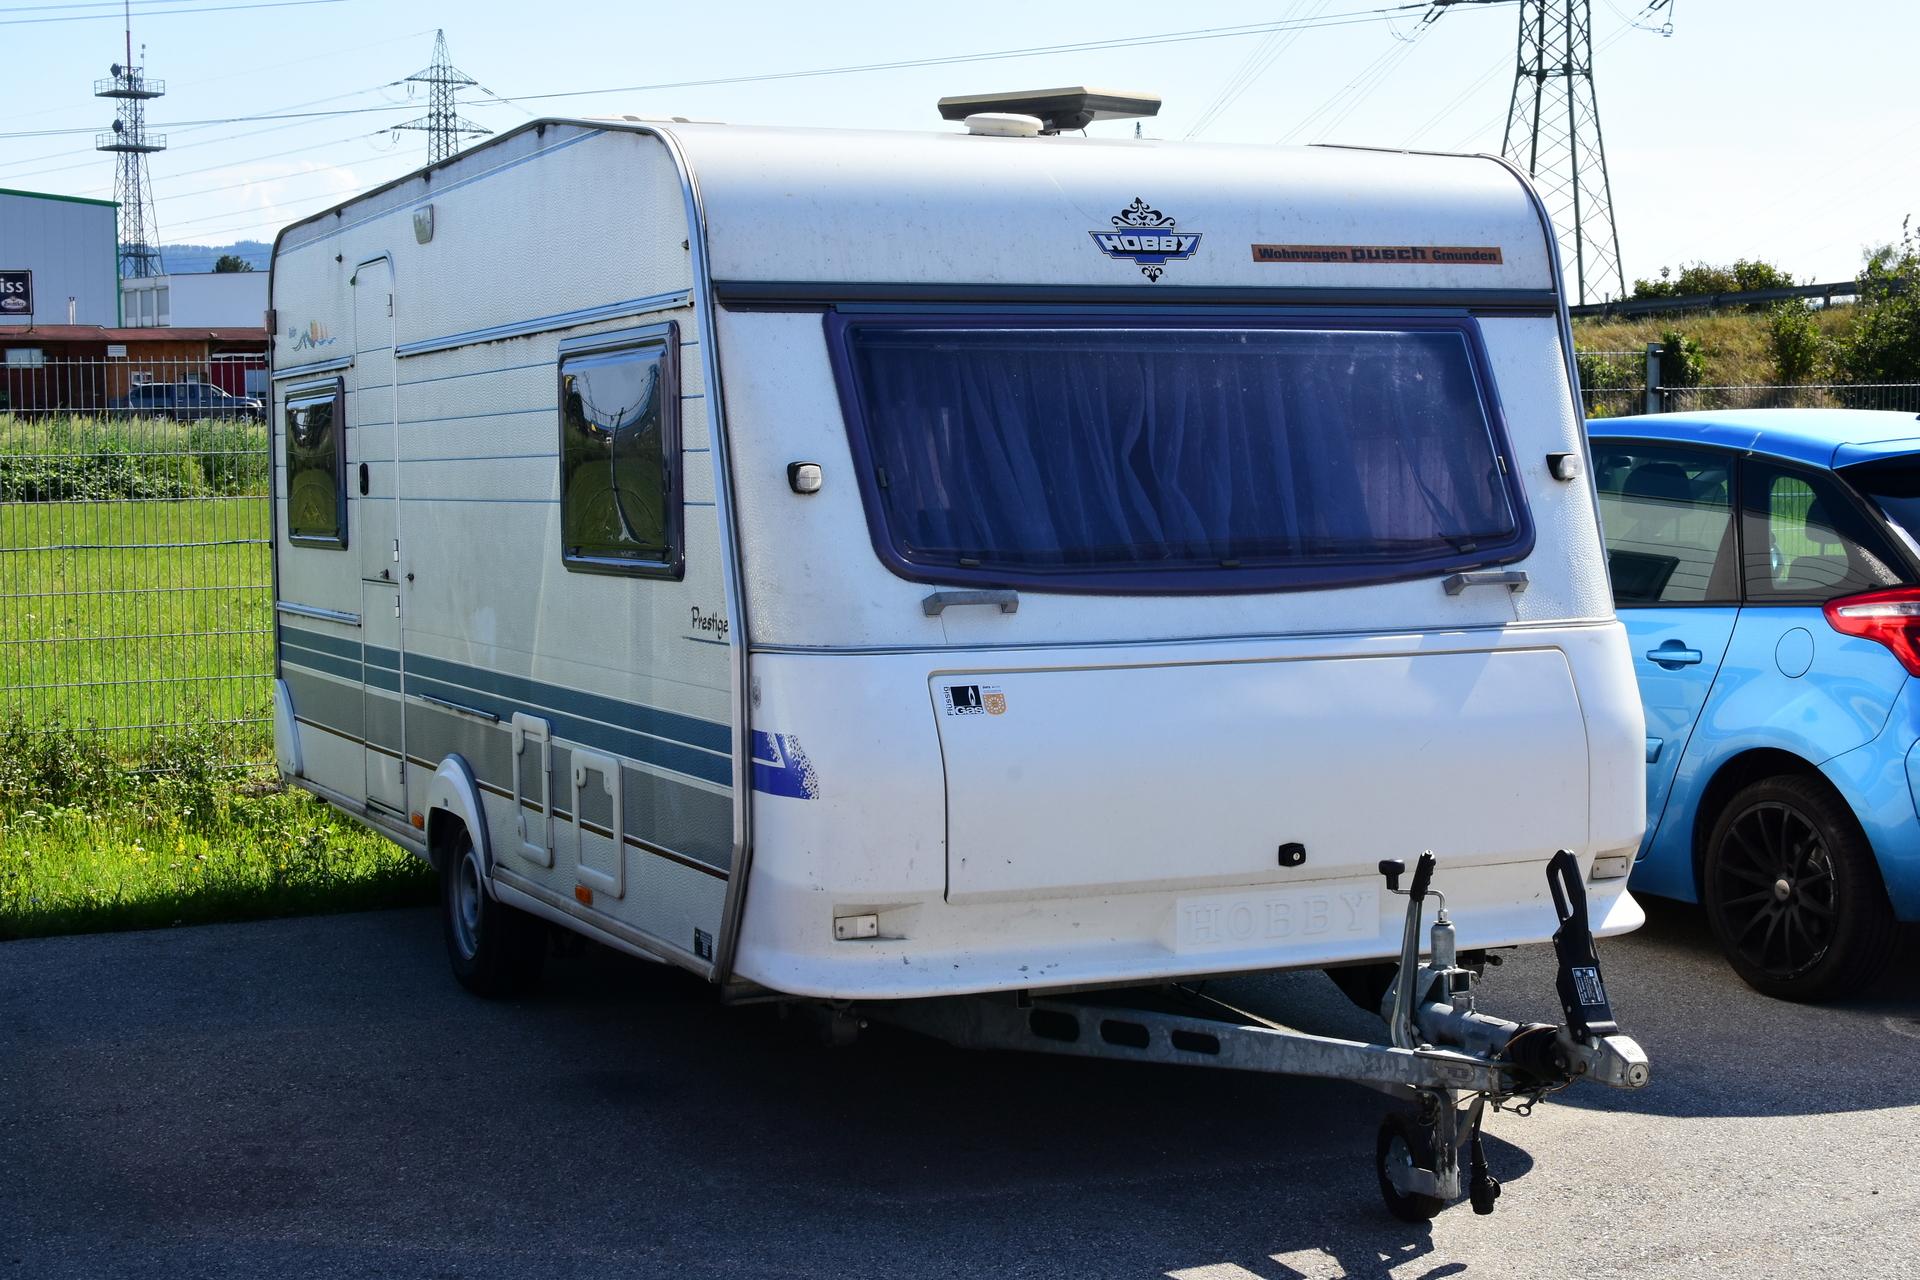 Wohnwagen Doppelachse Etagenbett : Wohnwagen hobby exclusive tÜv neu wohnmobile